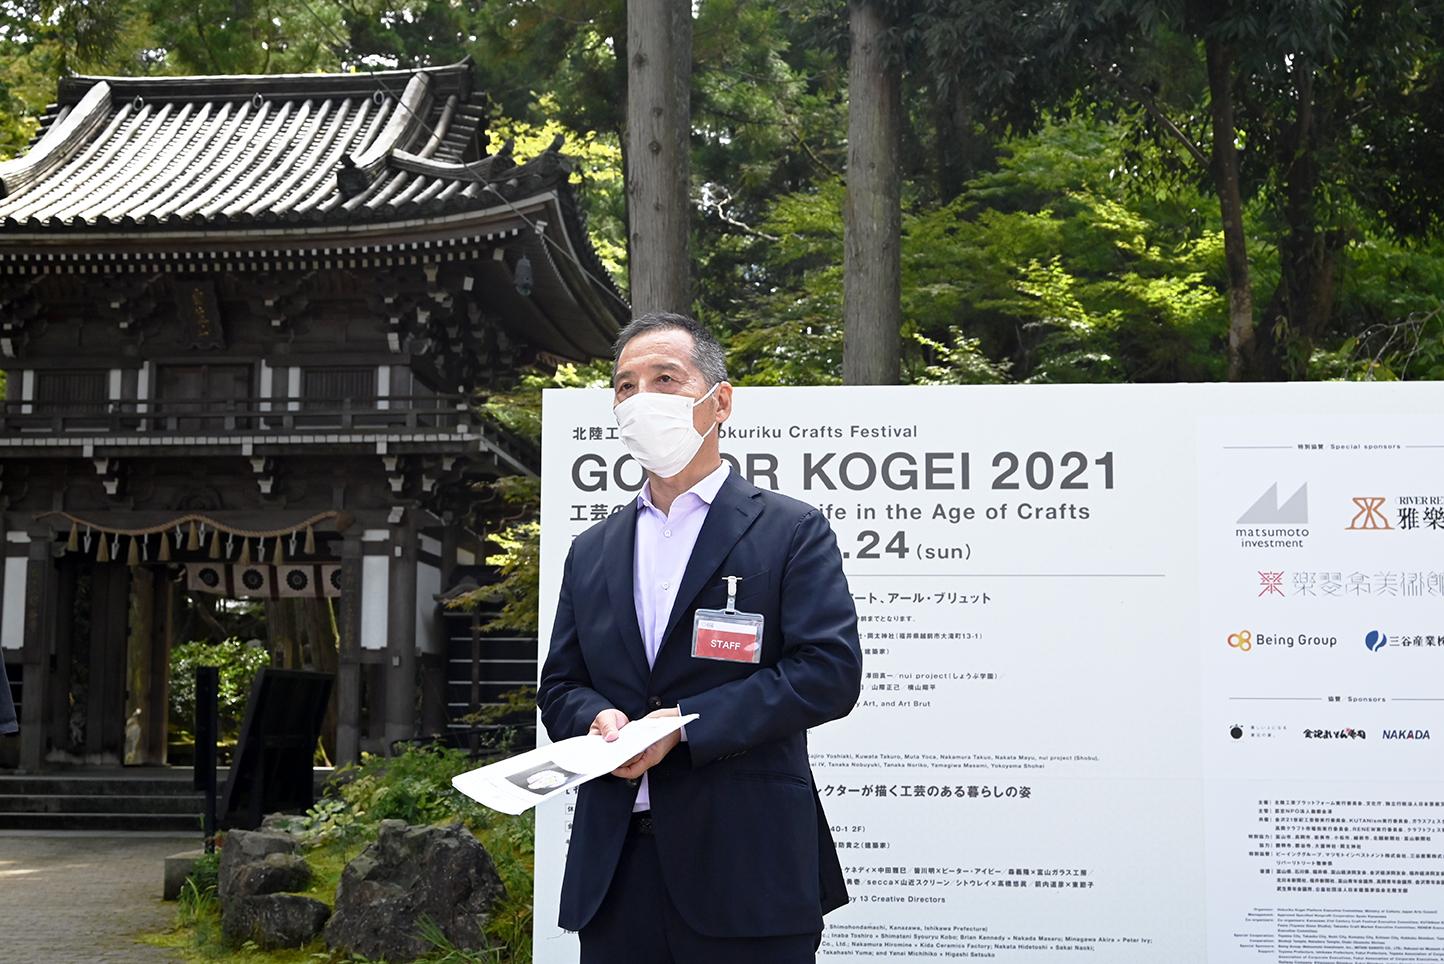 【北陸】9/10-10/24開催 この秋、北陸は工芸が熱い 北陸工芸の祭典「GO FOR KOGEI 2021」の特別展へGO!!